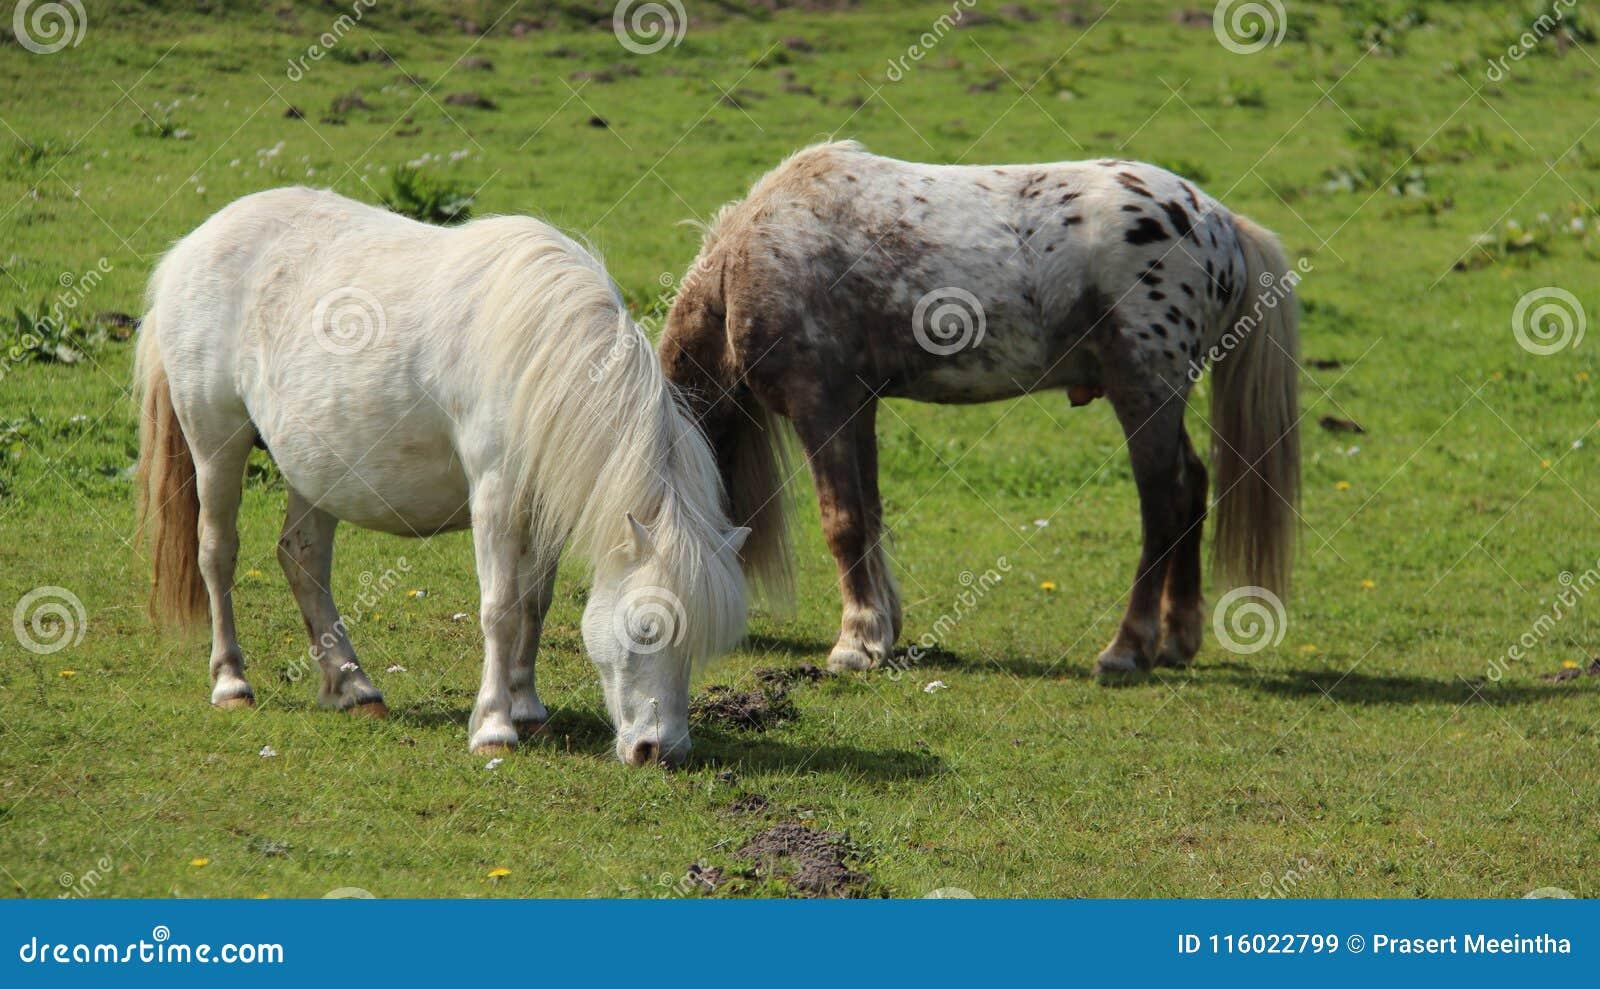 Pony Graze And Relax On Green-Felder